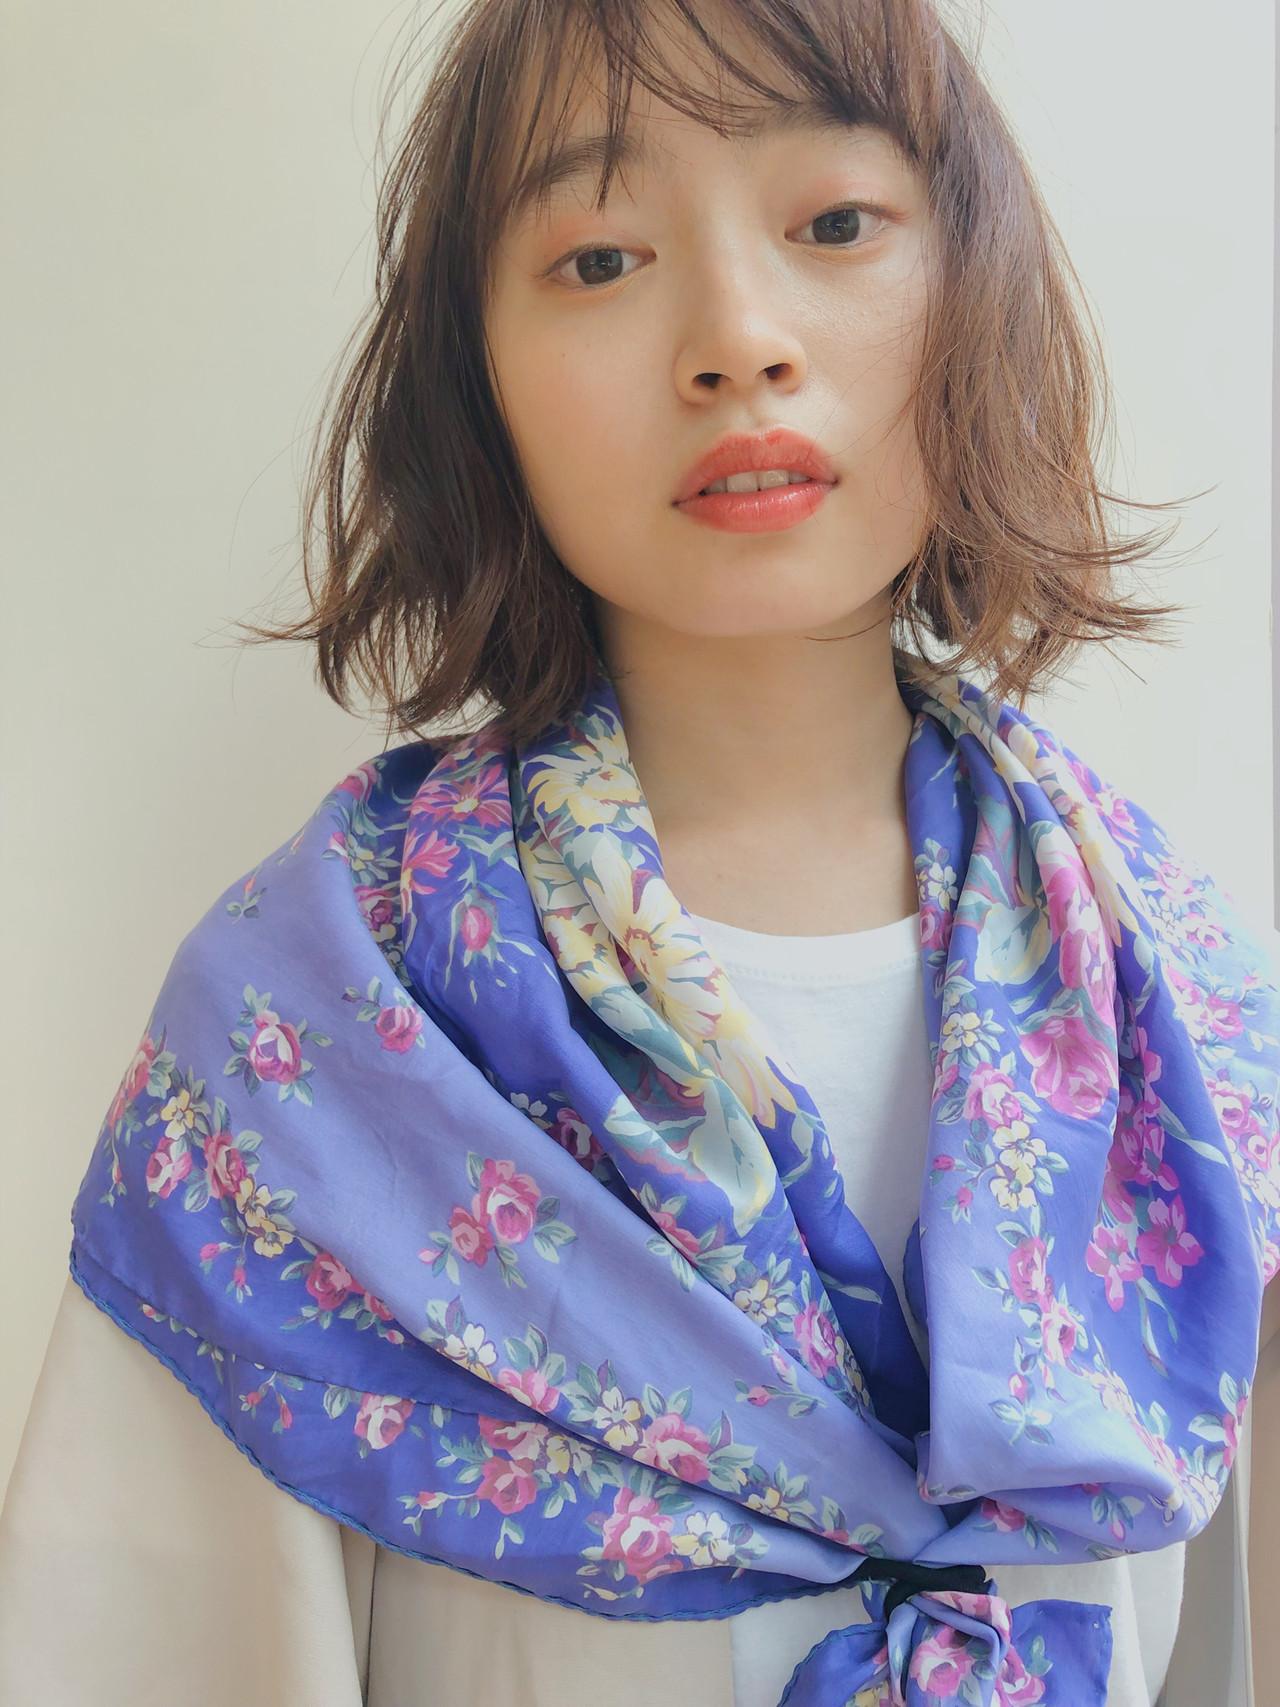 透明感カラー シースルーバング ナチュラル パーマ ヘアスタイルや髪型の写真・画像 | drive for garden 森紫織 / drive for garden